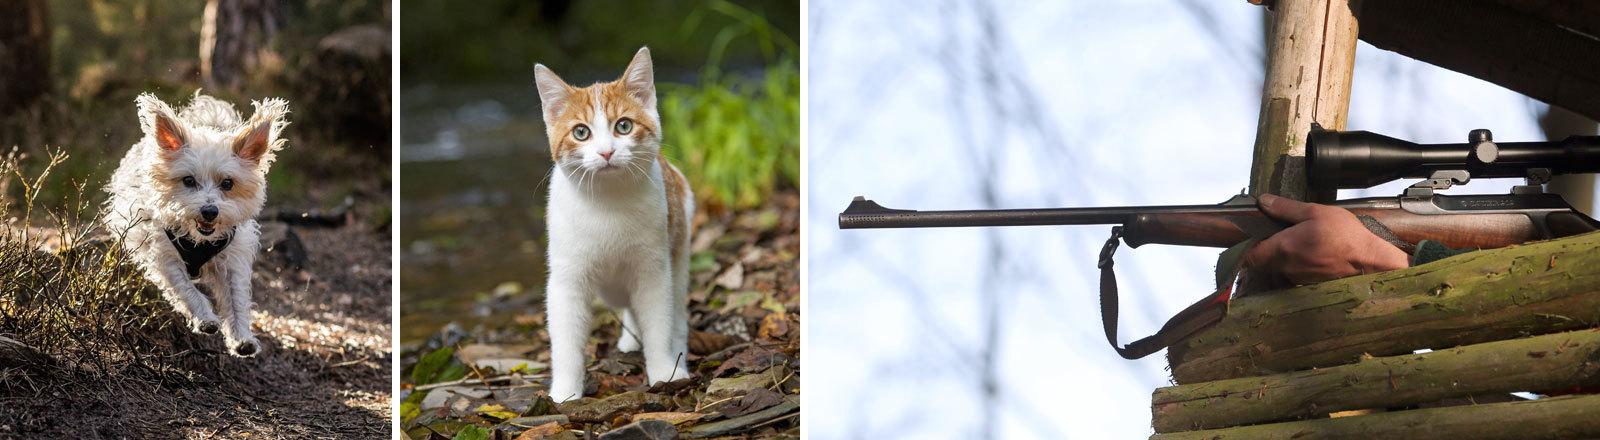 Hund und Katze im Wald. Ein Jäger zielt mit einem Gewehr.